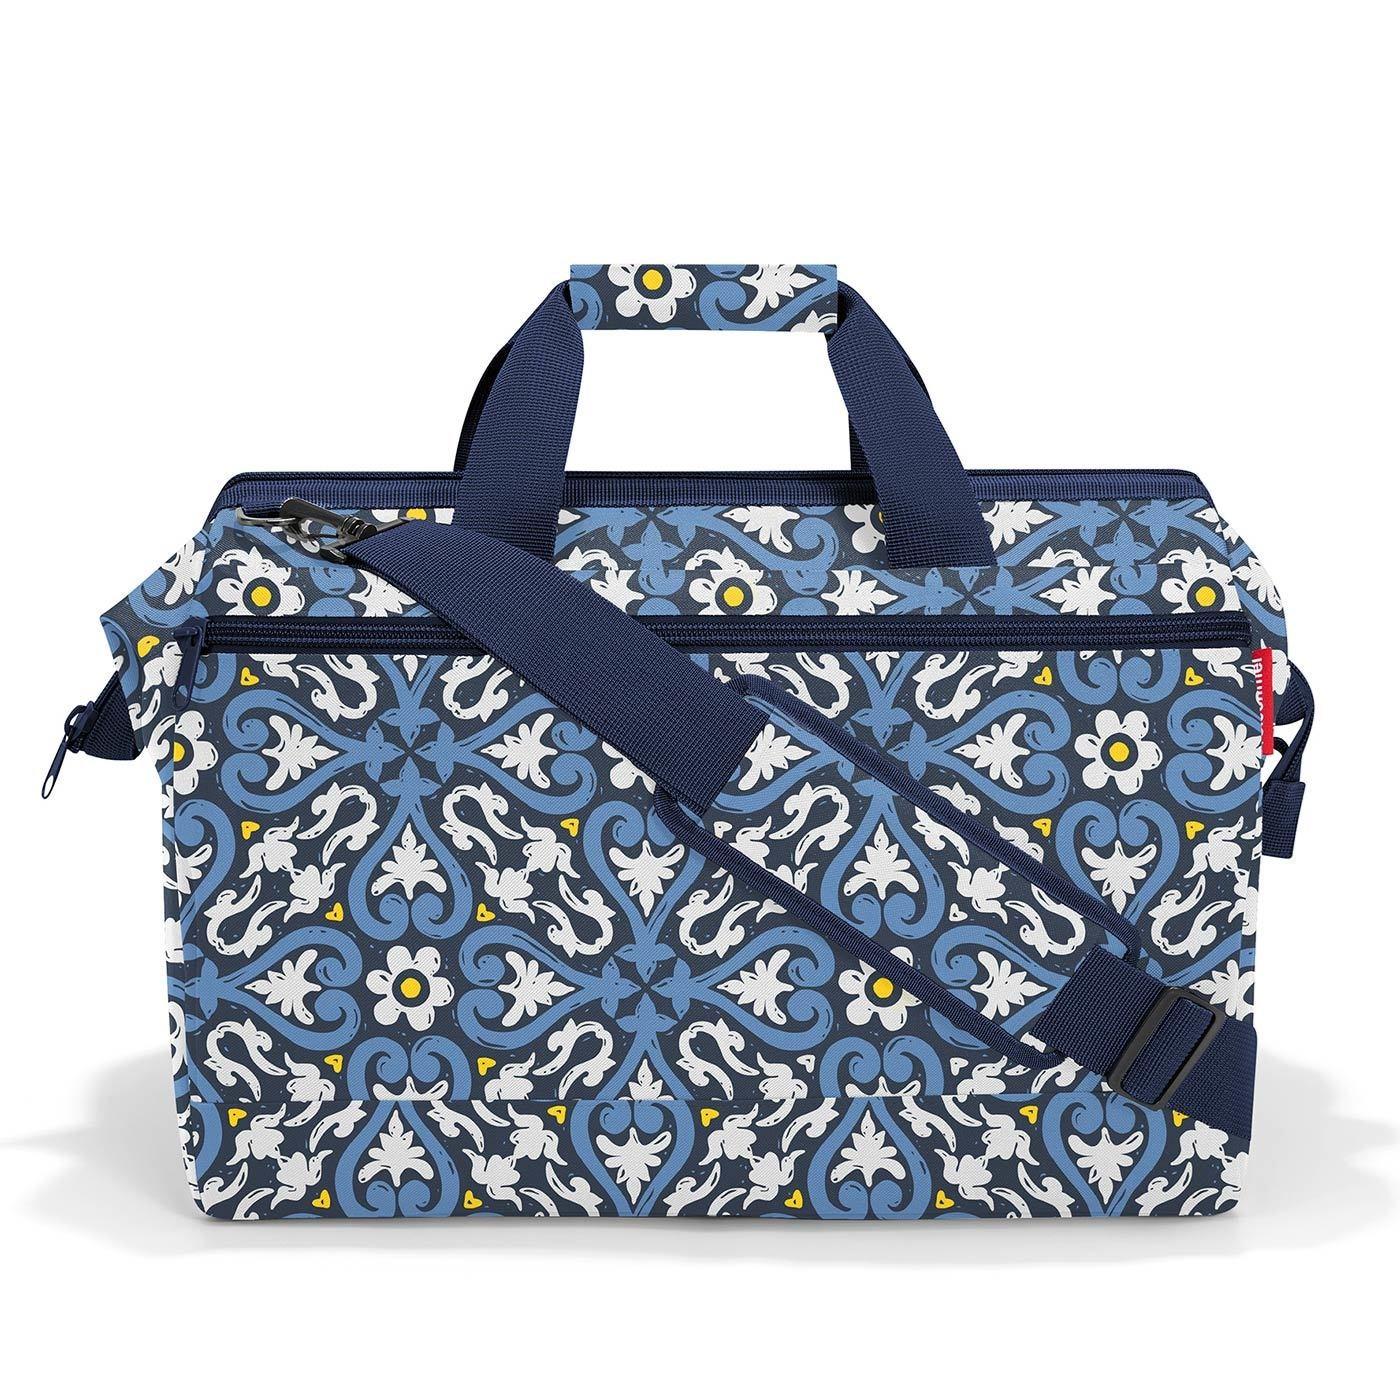 Cestovní taška Allrounder L pocket floral 1_1